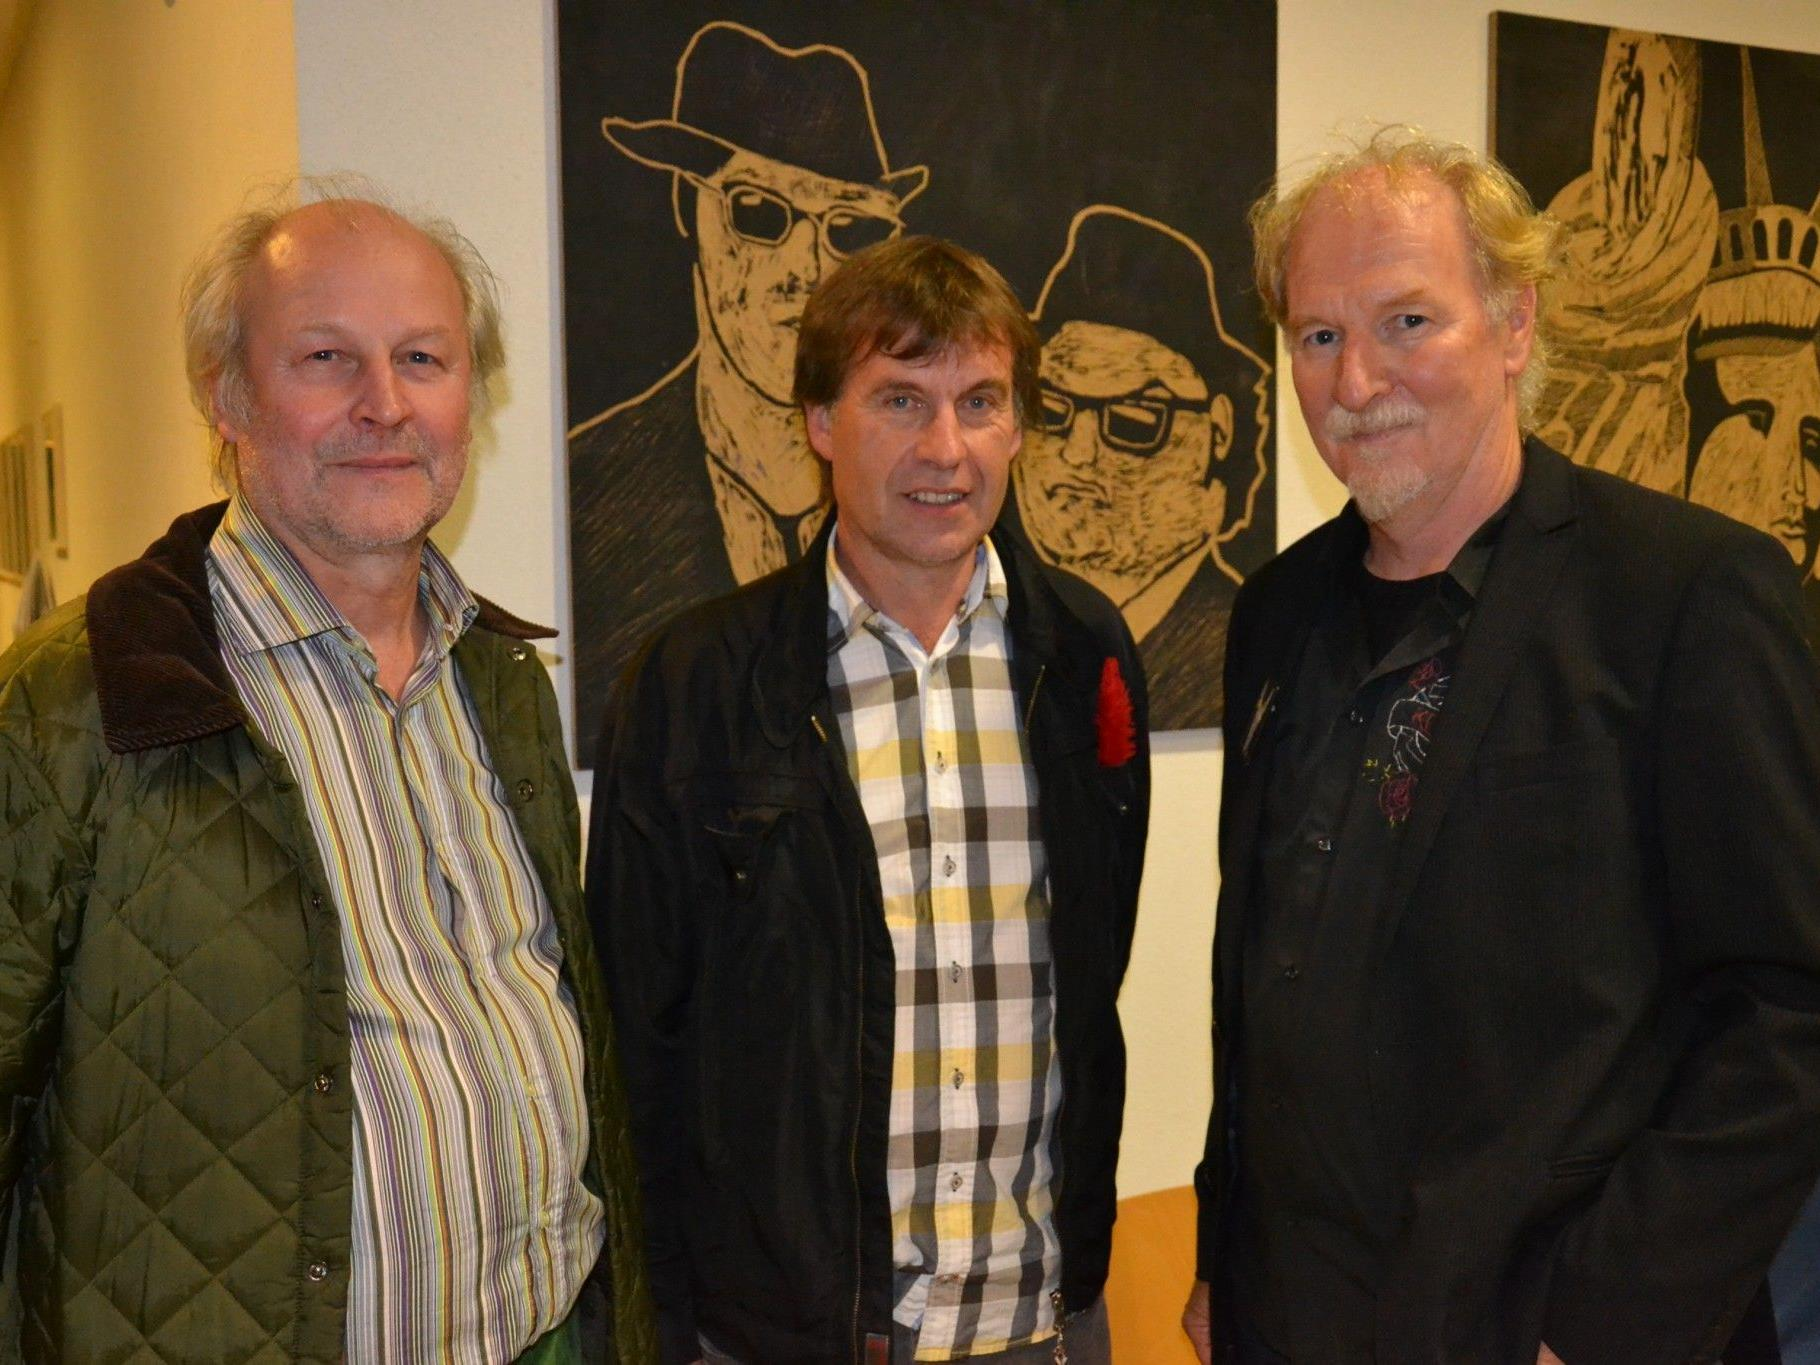 Hatten eine Galerie im Schulgebäude vorbereitet: v.l. Kunsterzieher Manfred Egender, BORG Direktor Thomas Rothmund & Gerhard Petter